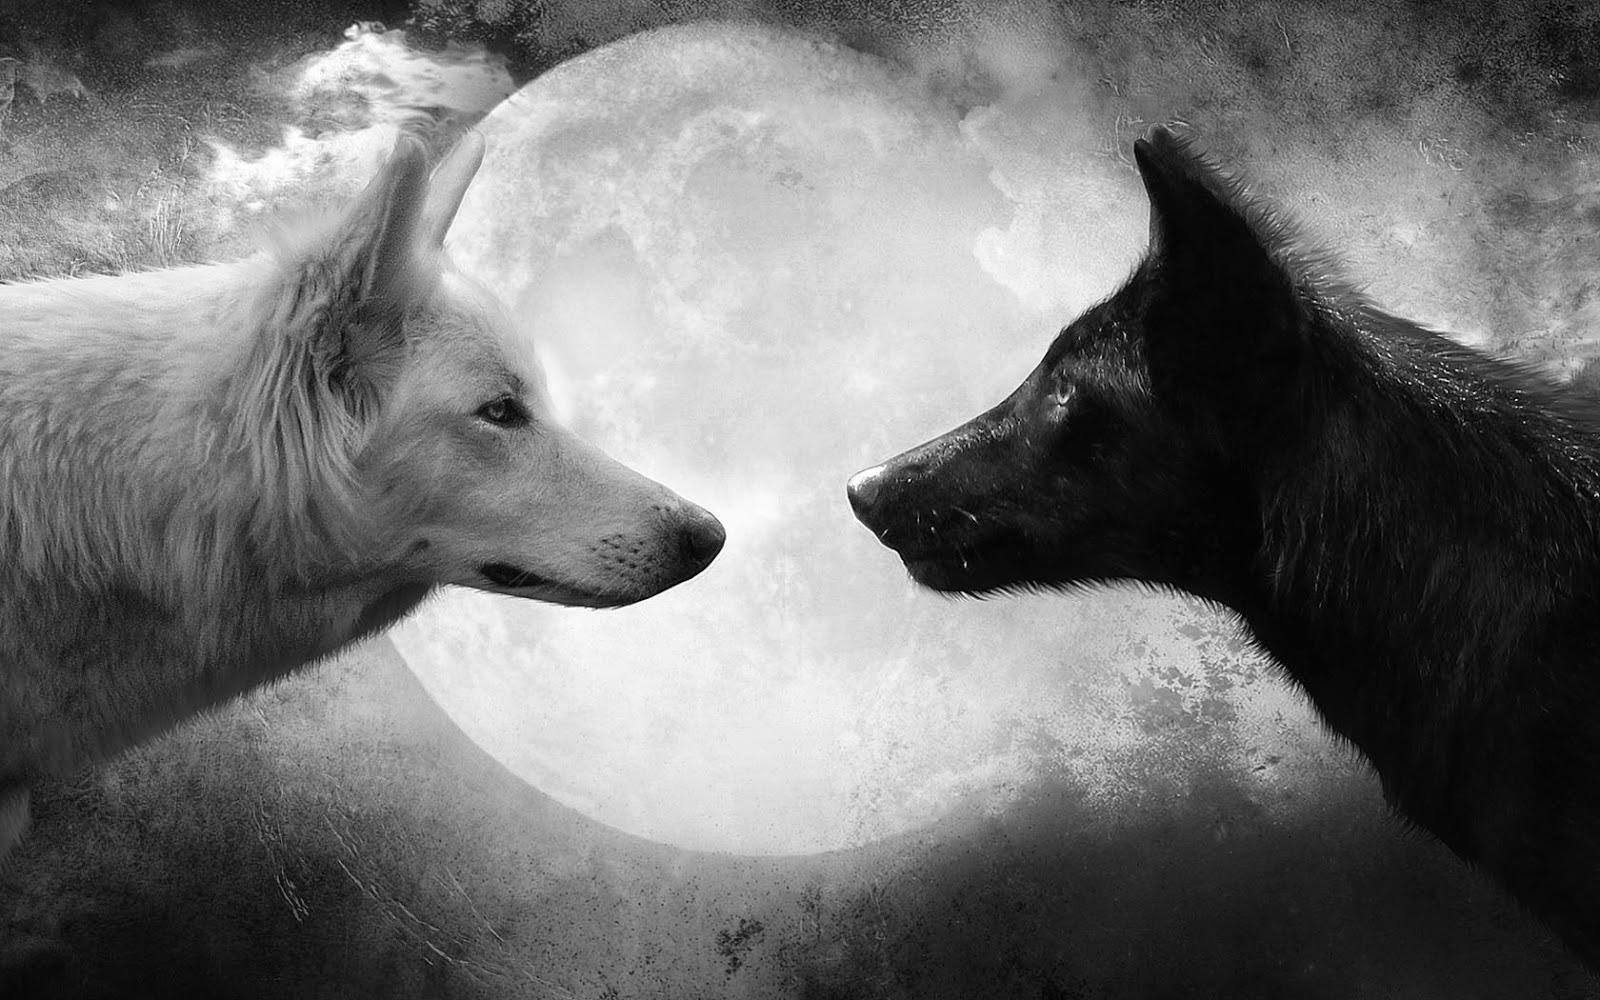 maanwolf